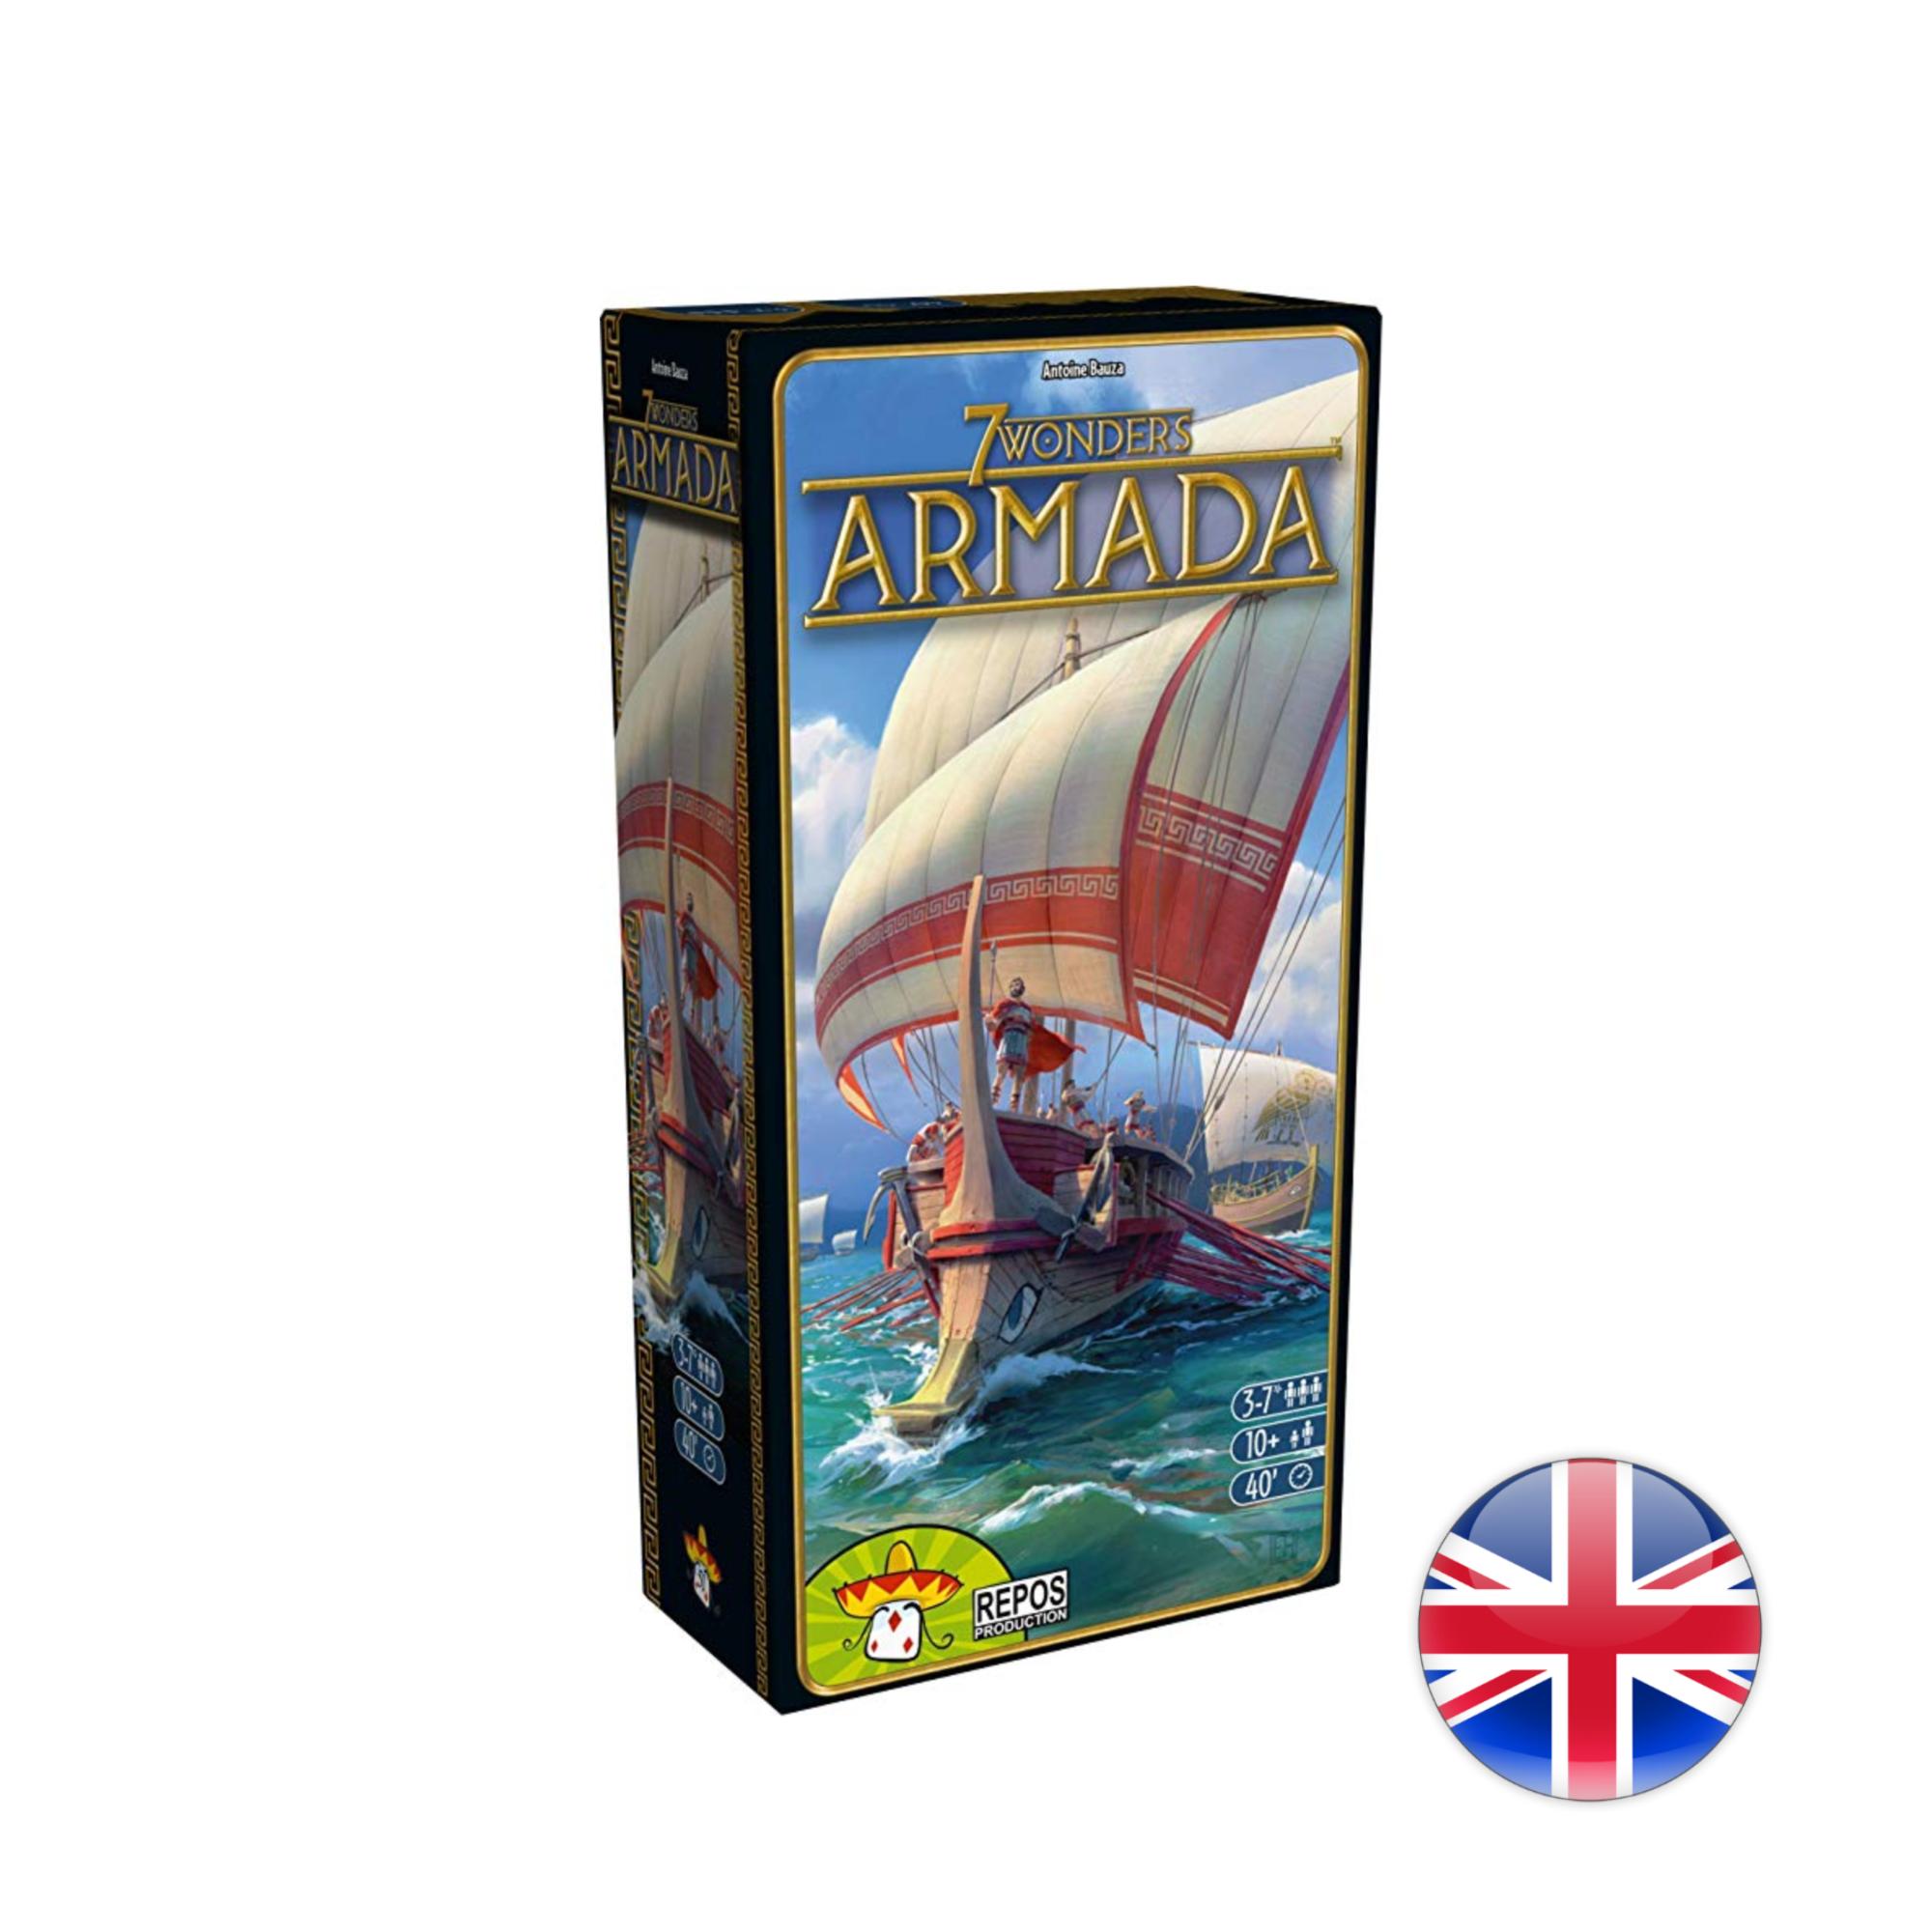 Matagot 7 Wonders: Armada VA